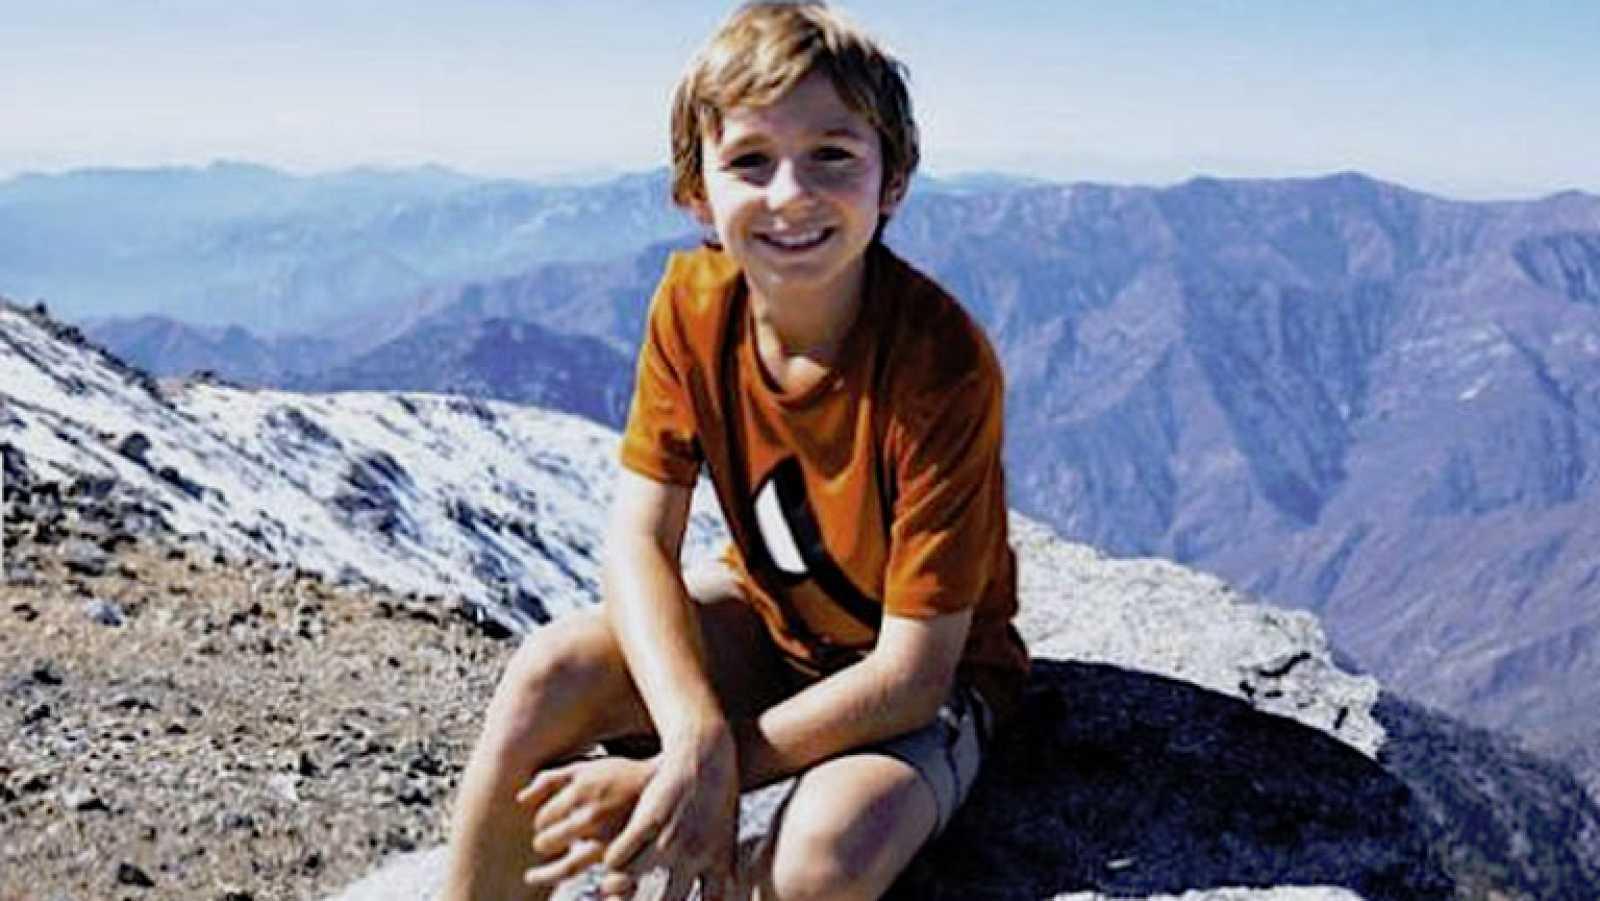 Un niño de 9 años corona el Aconcagua - RTVE.es